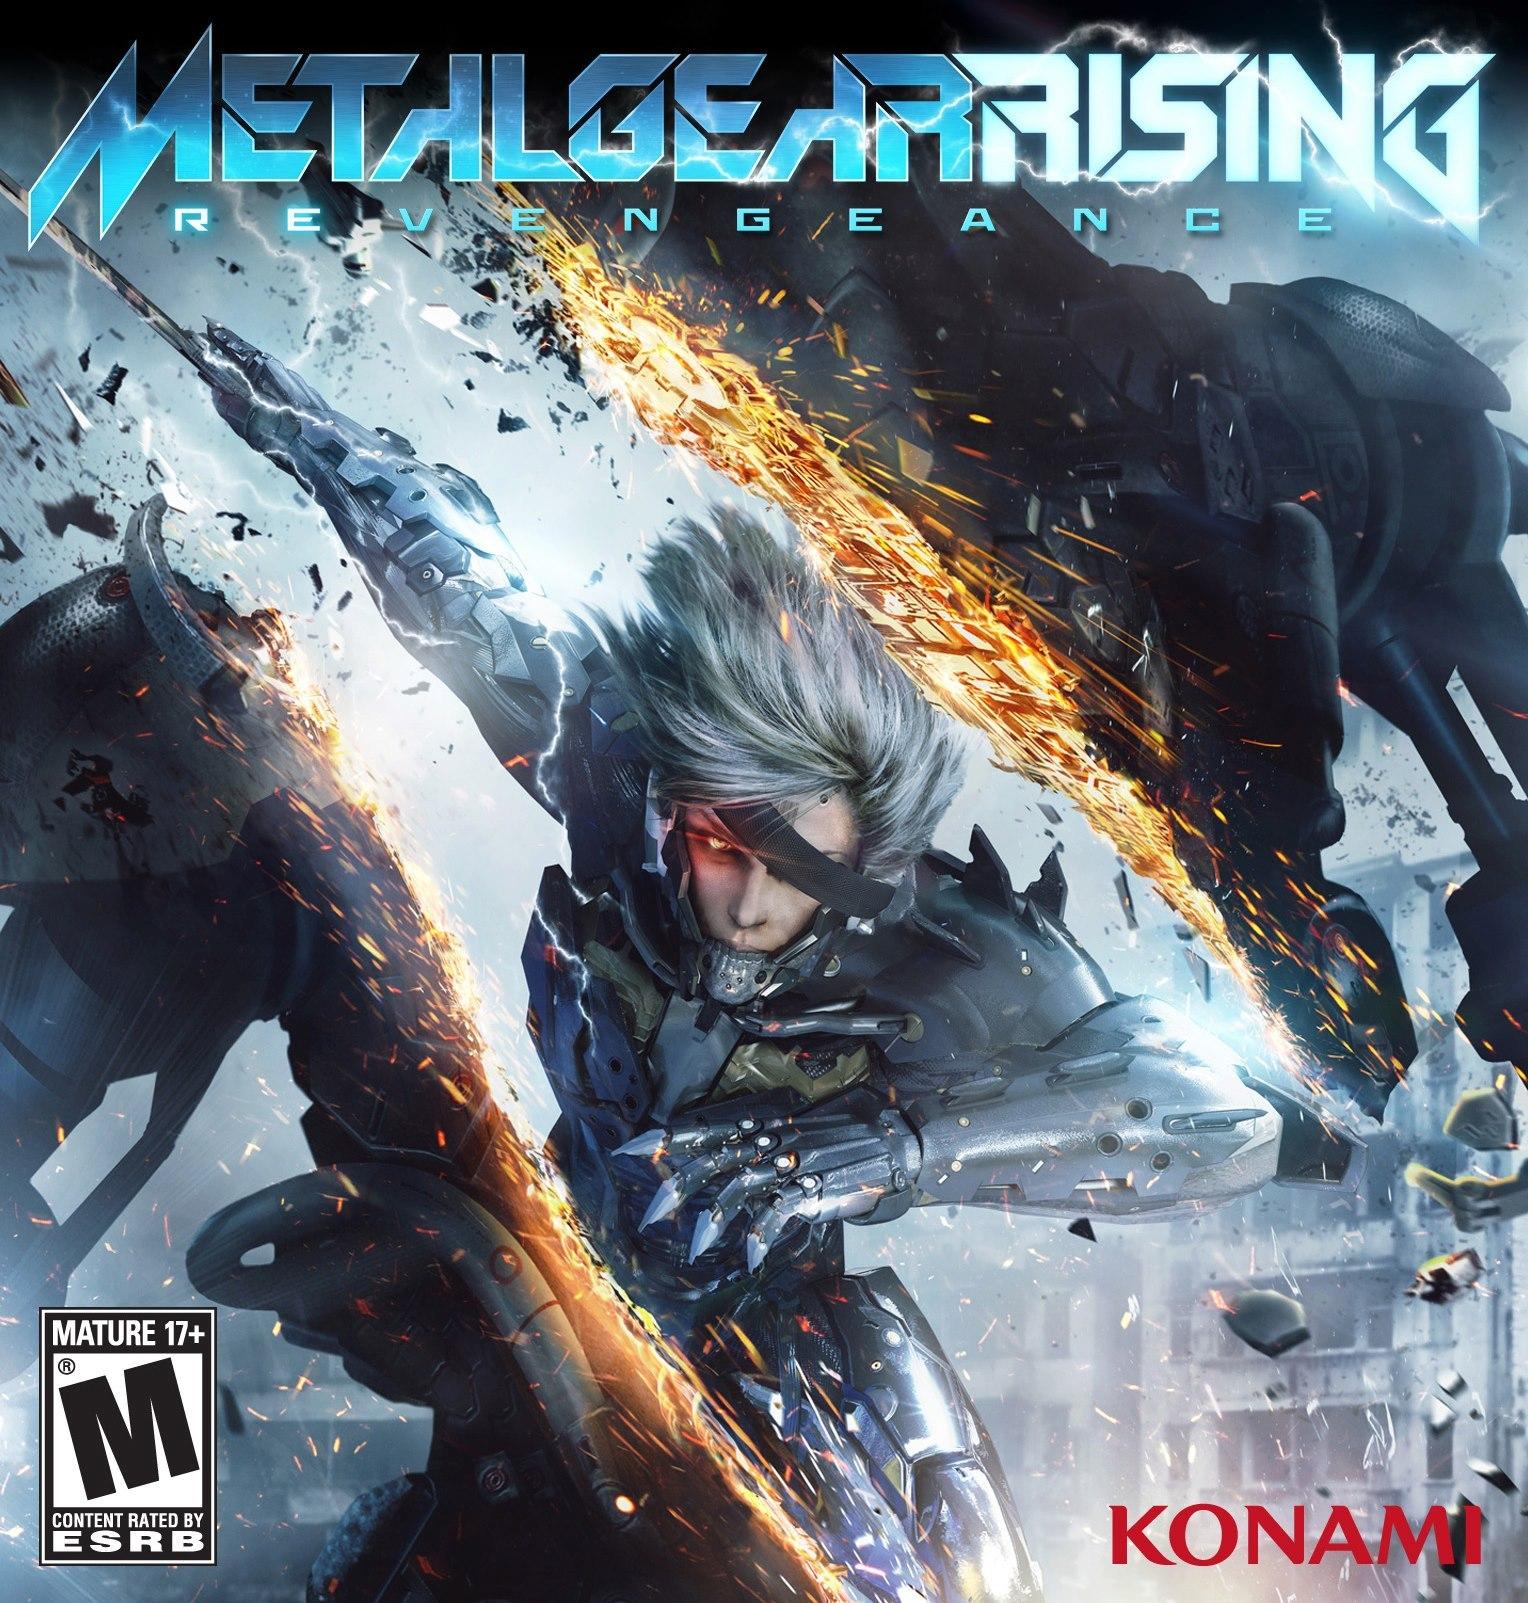 Jaquette américaine de Metal Gear Rising